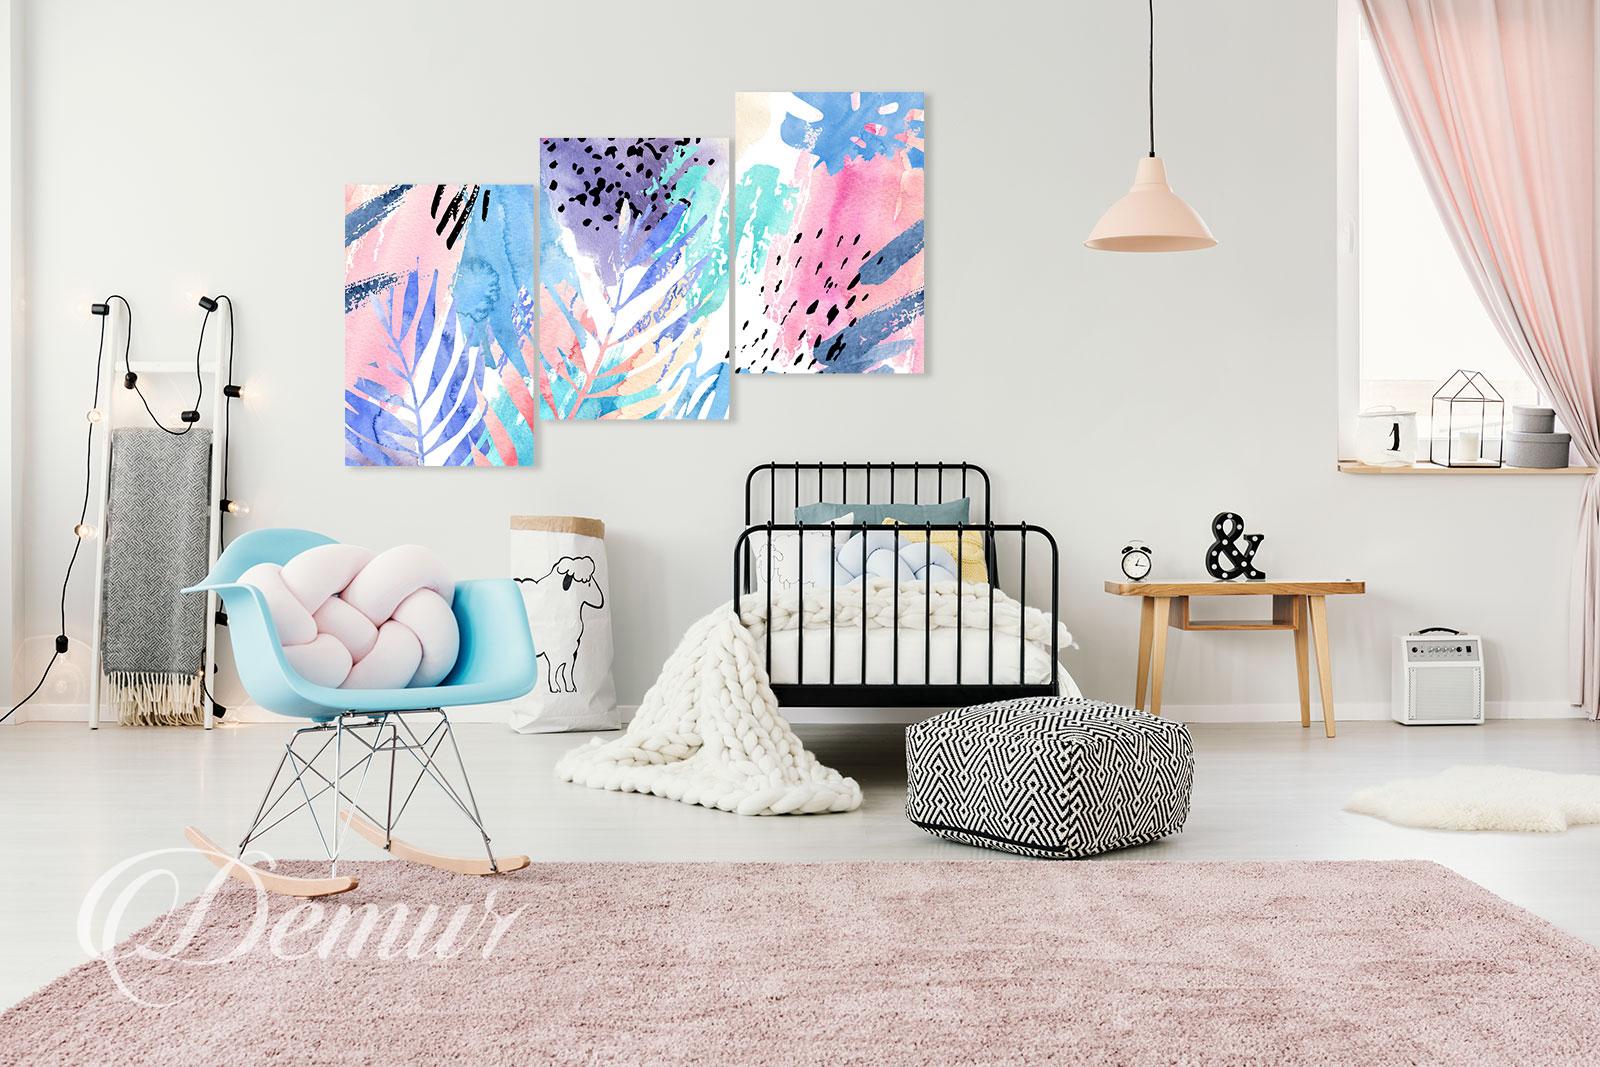 Obraz pastelowa abstrakcja - Aranżacja pokoju nastolatka - Demur